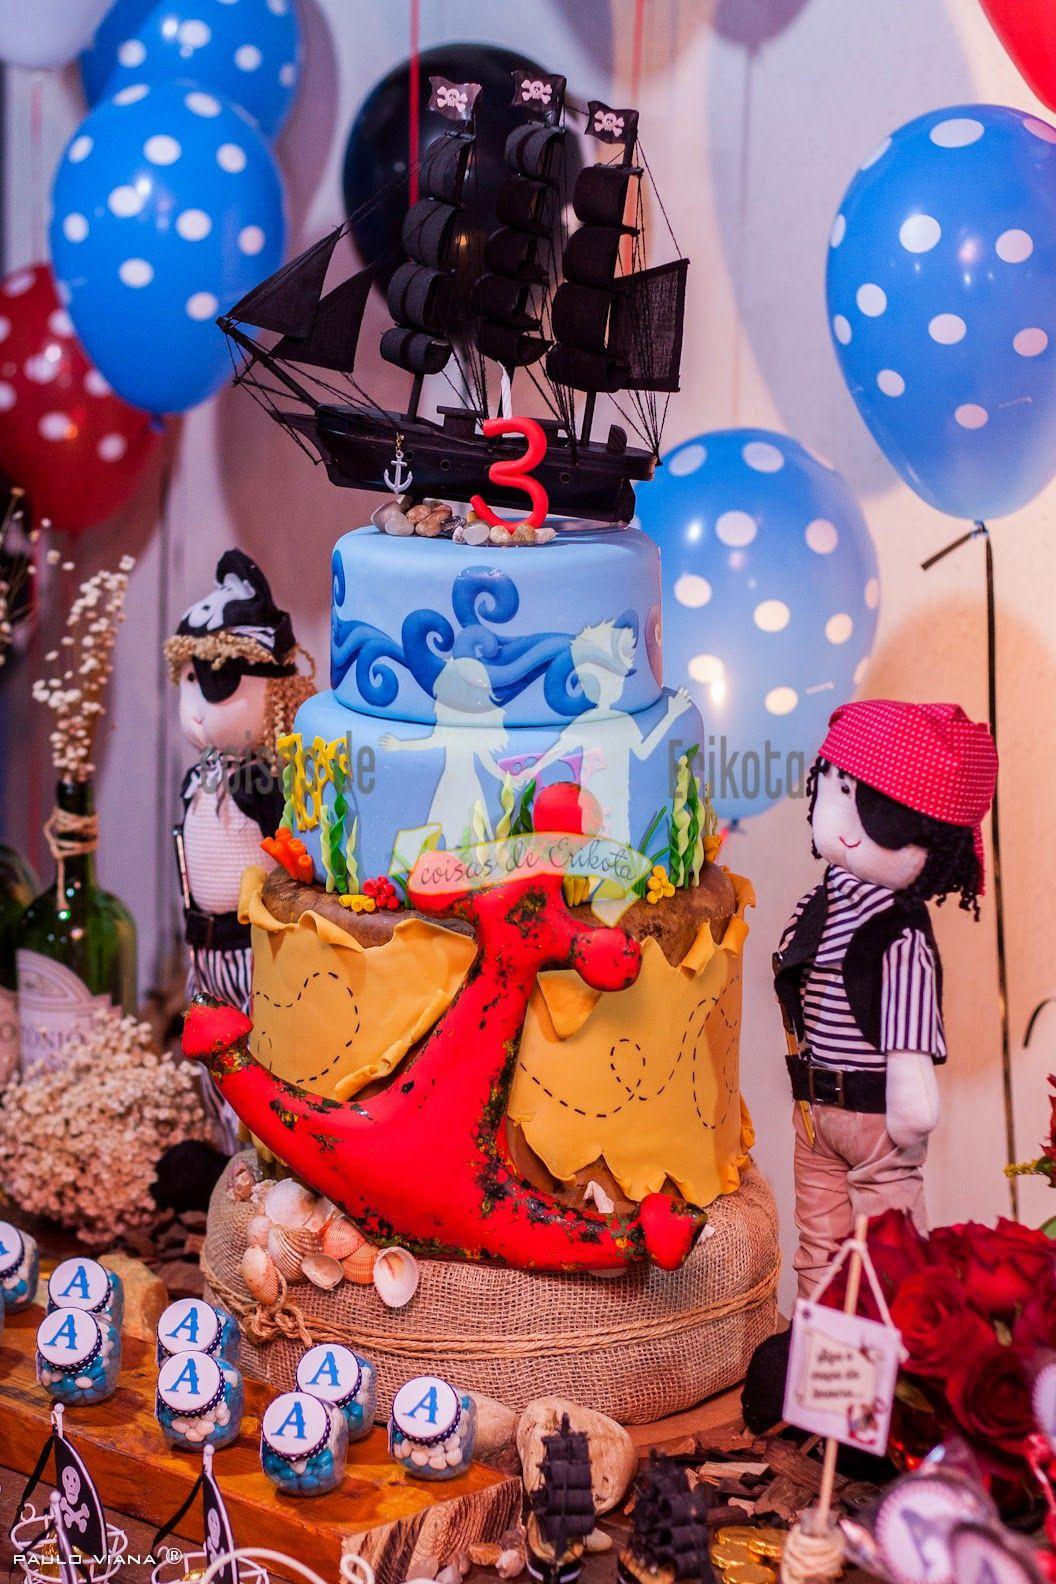 #pirateparty #festapirata #coisasdeerikota #piratescake #cakedesing